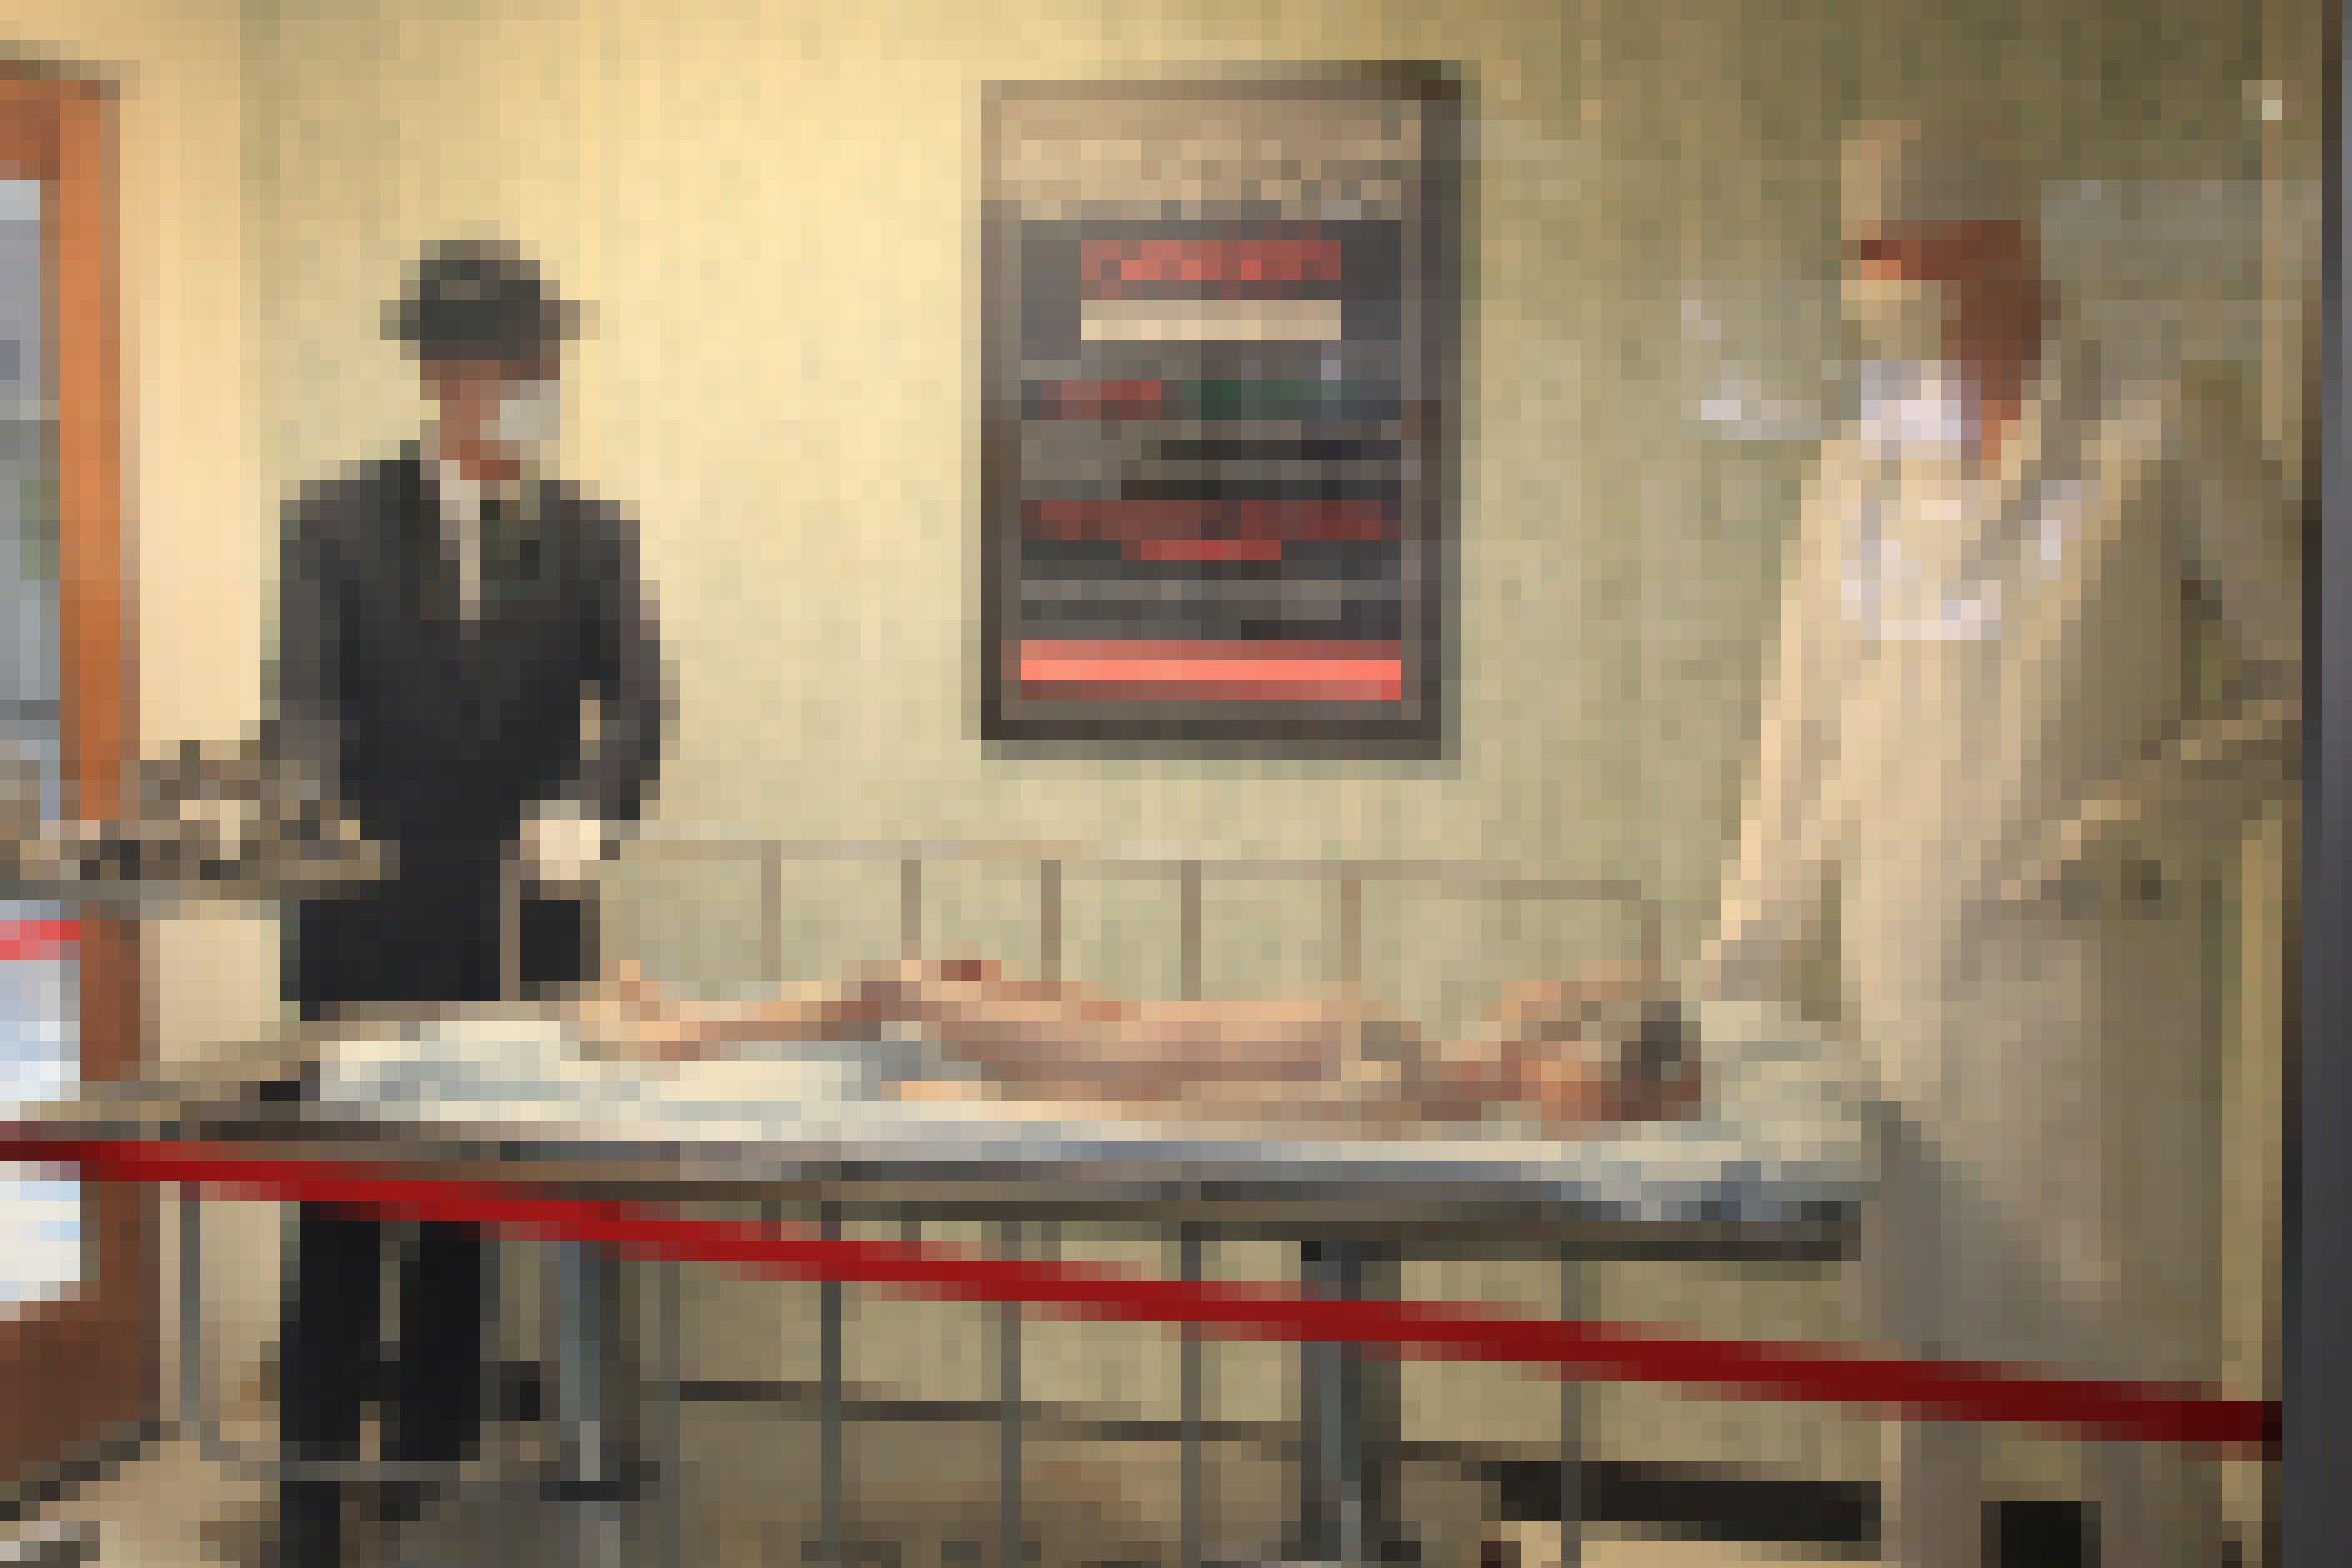 Zwei Männer mit Masken beugen sich über ein Krankenbett, in dem ein Alien liegt.